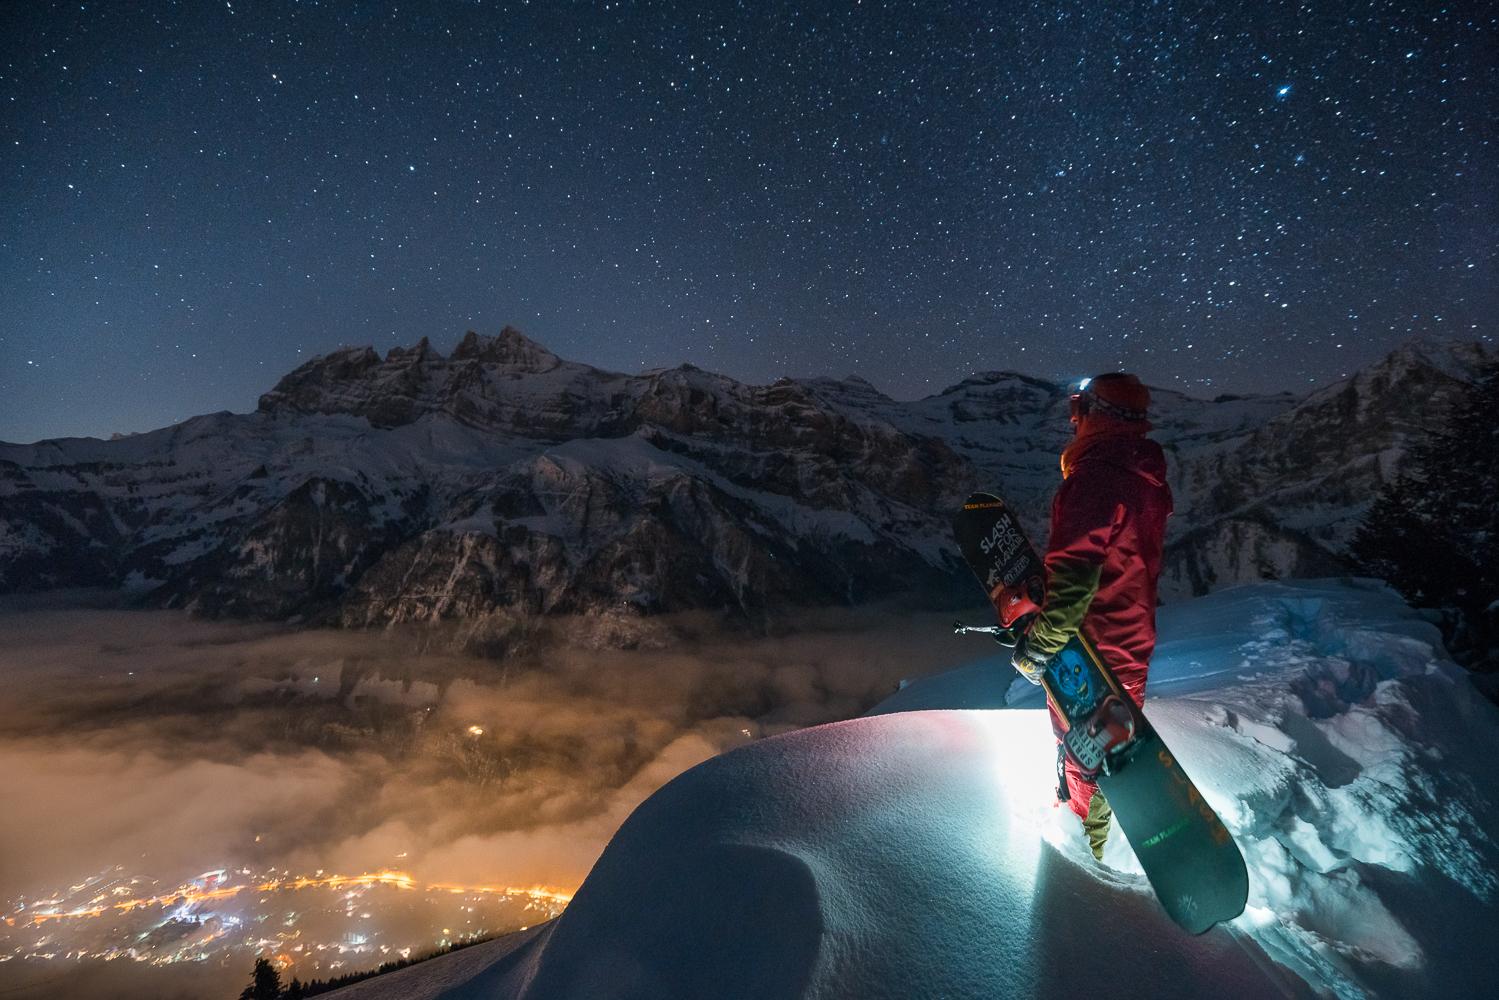 Francois_winter_31.jpg